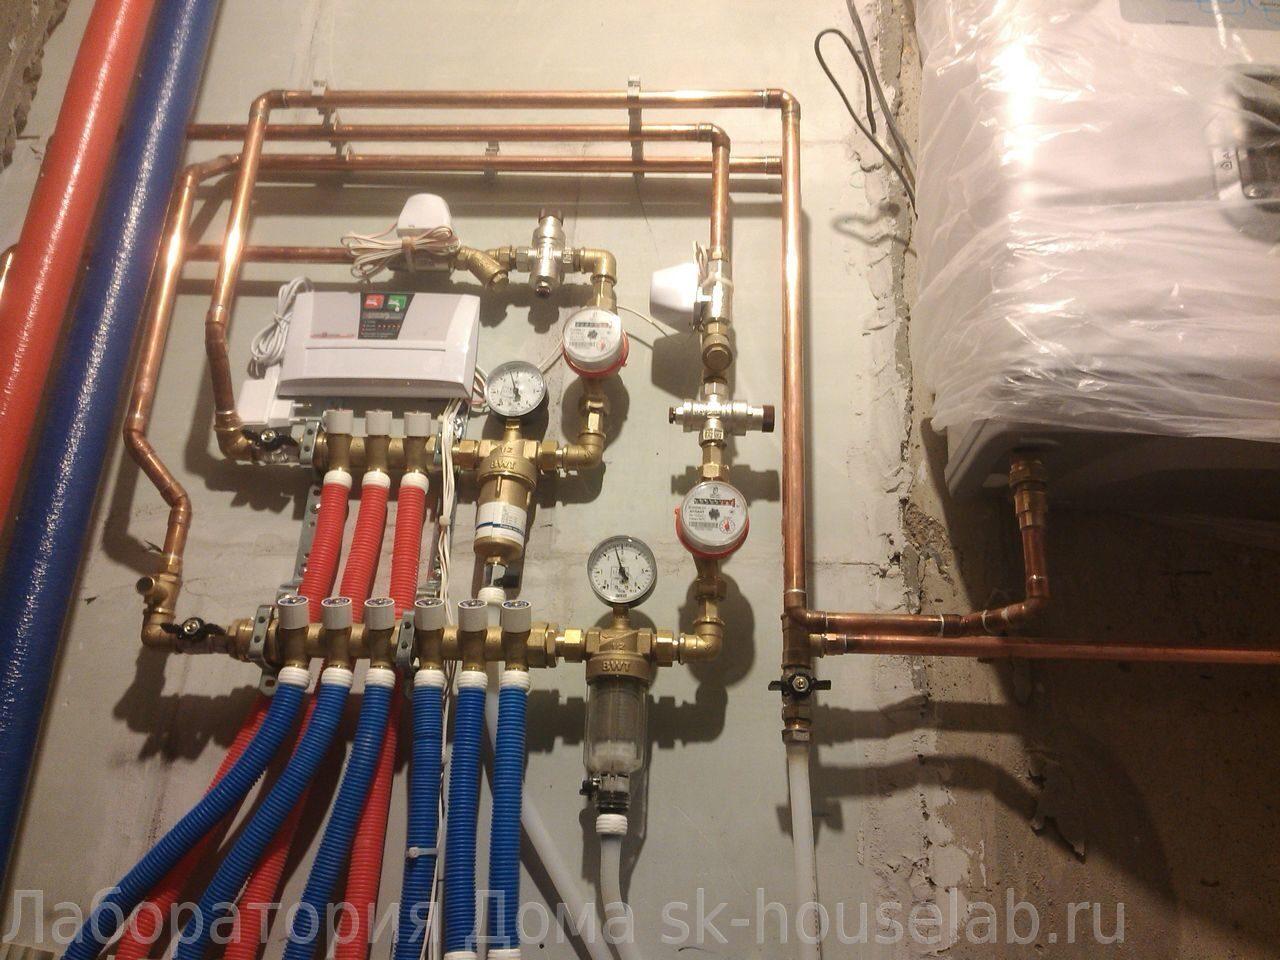 Монтаж труб водоснабжения из сшитого полиэтилена фото 956